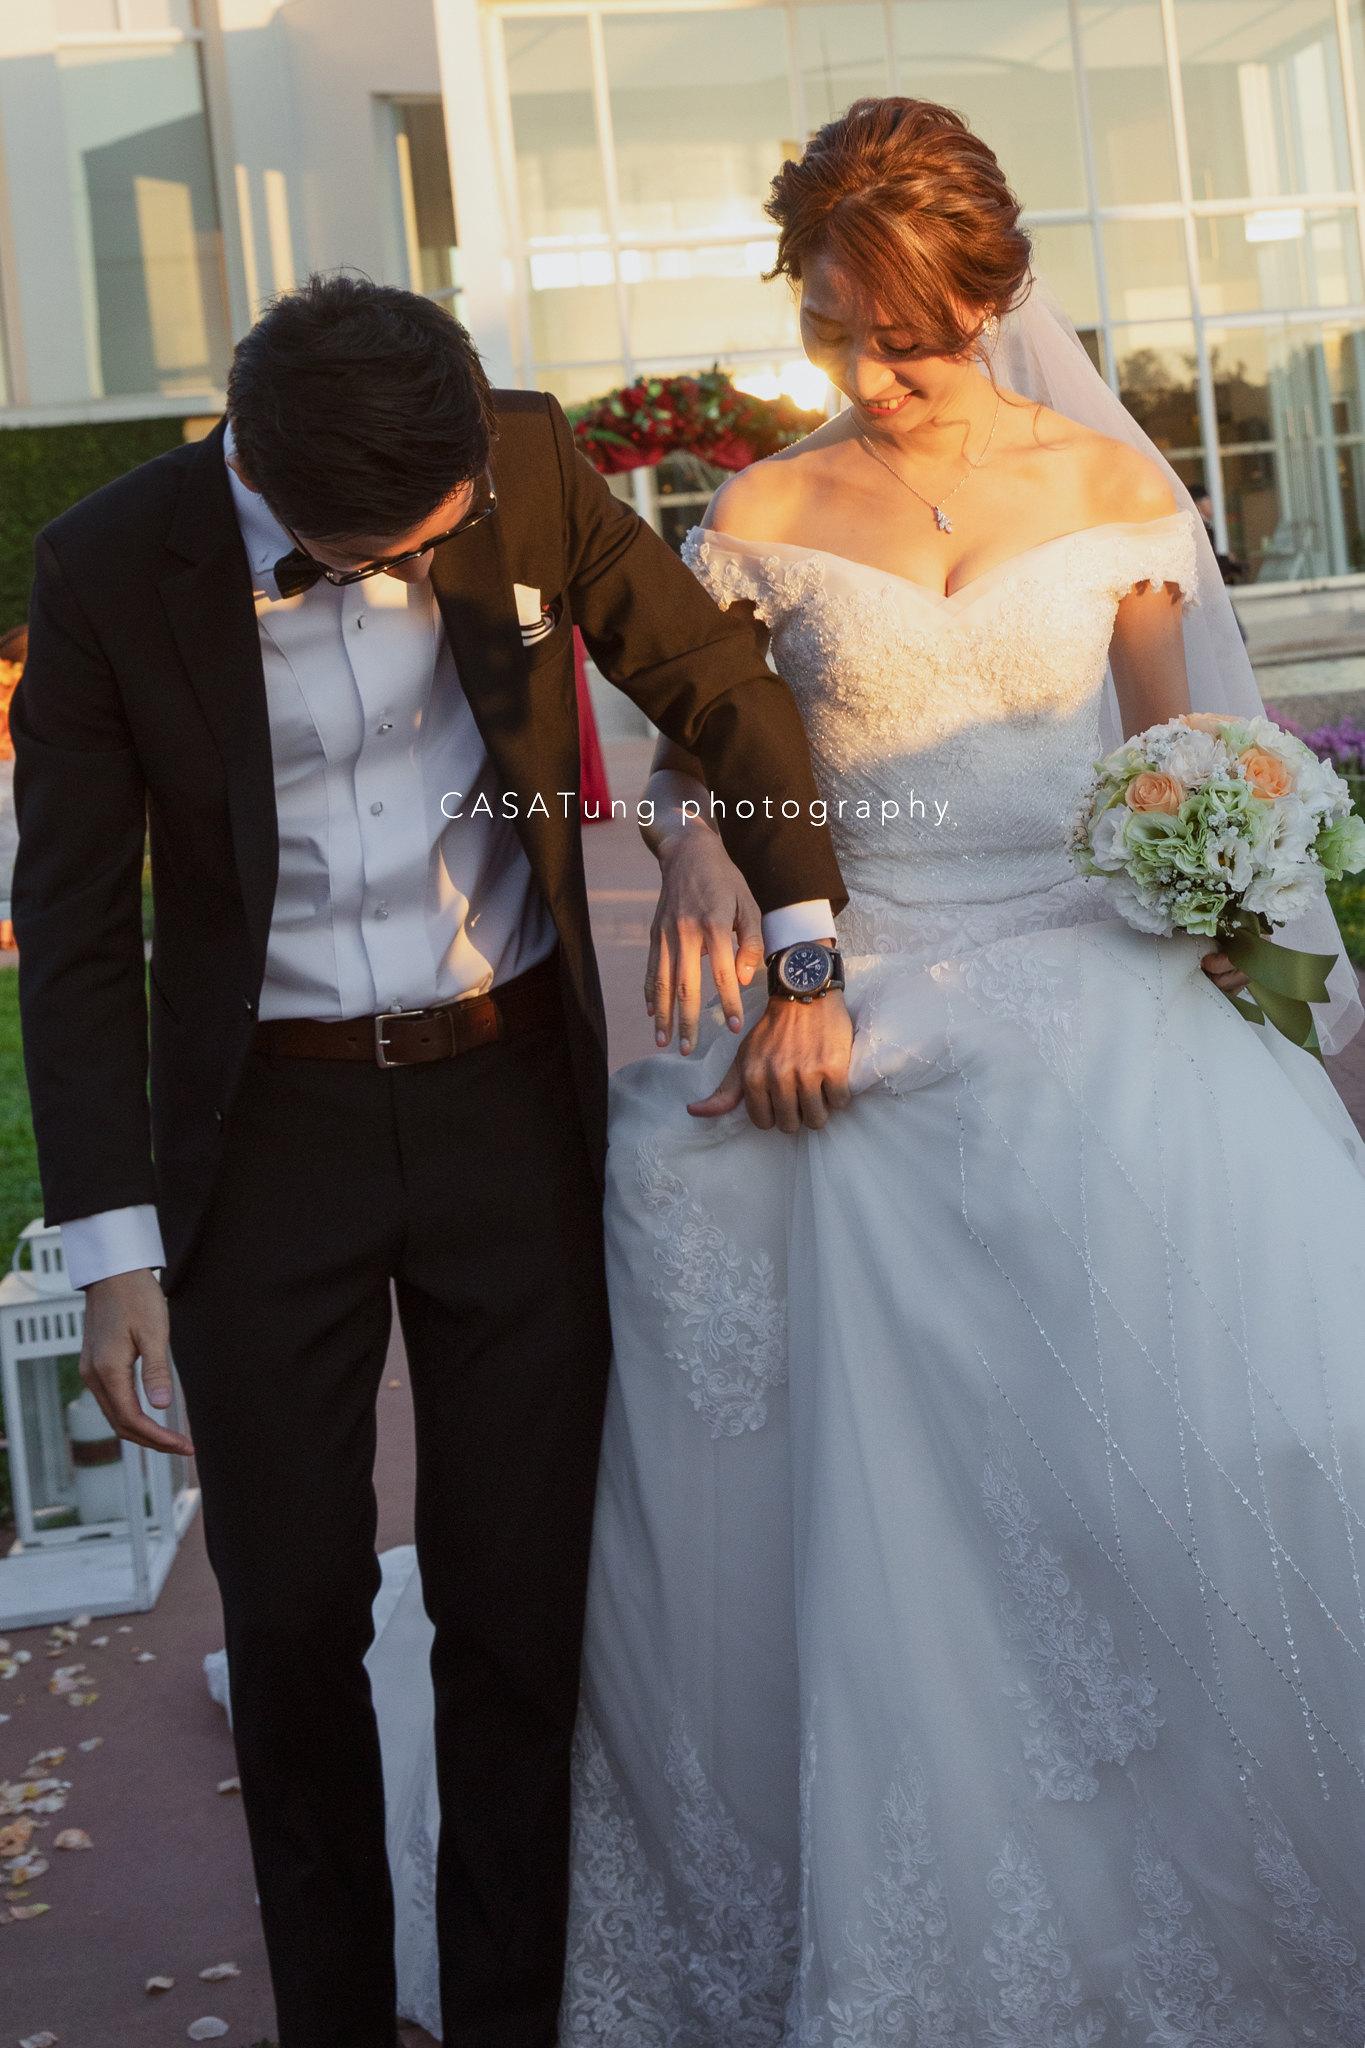 台中自助婚紗,旋轉木馬,心之芳庭,婚攝casa-44